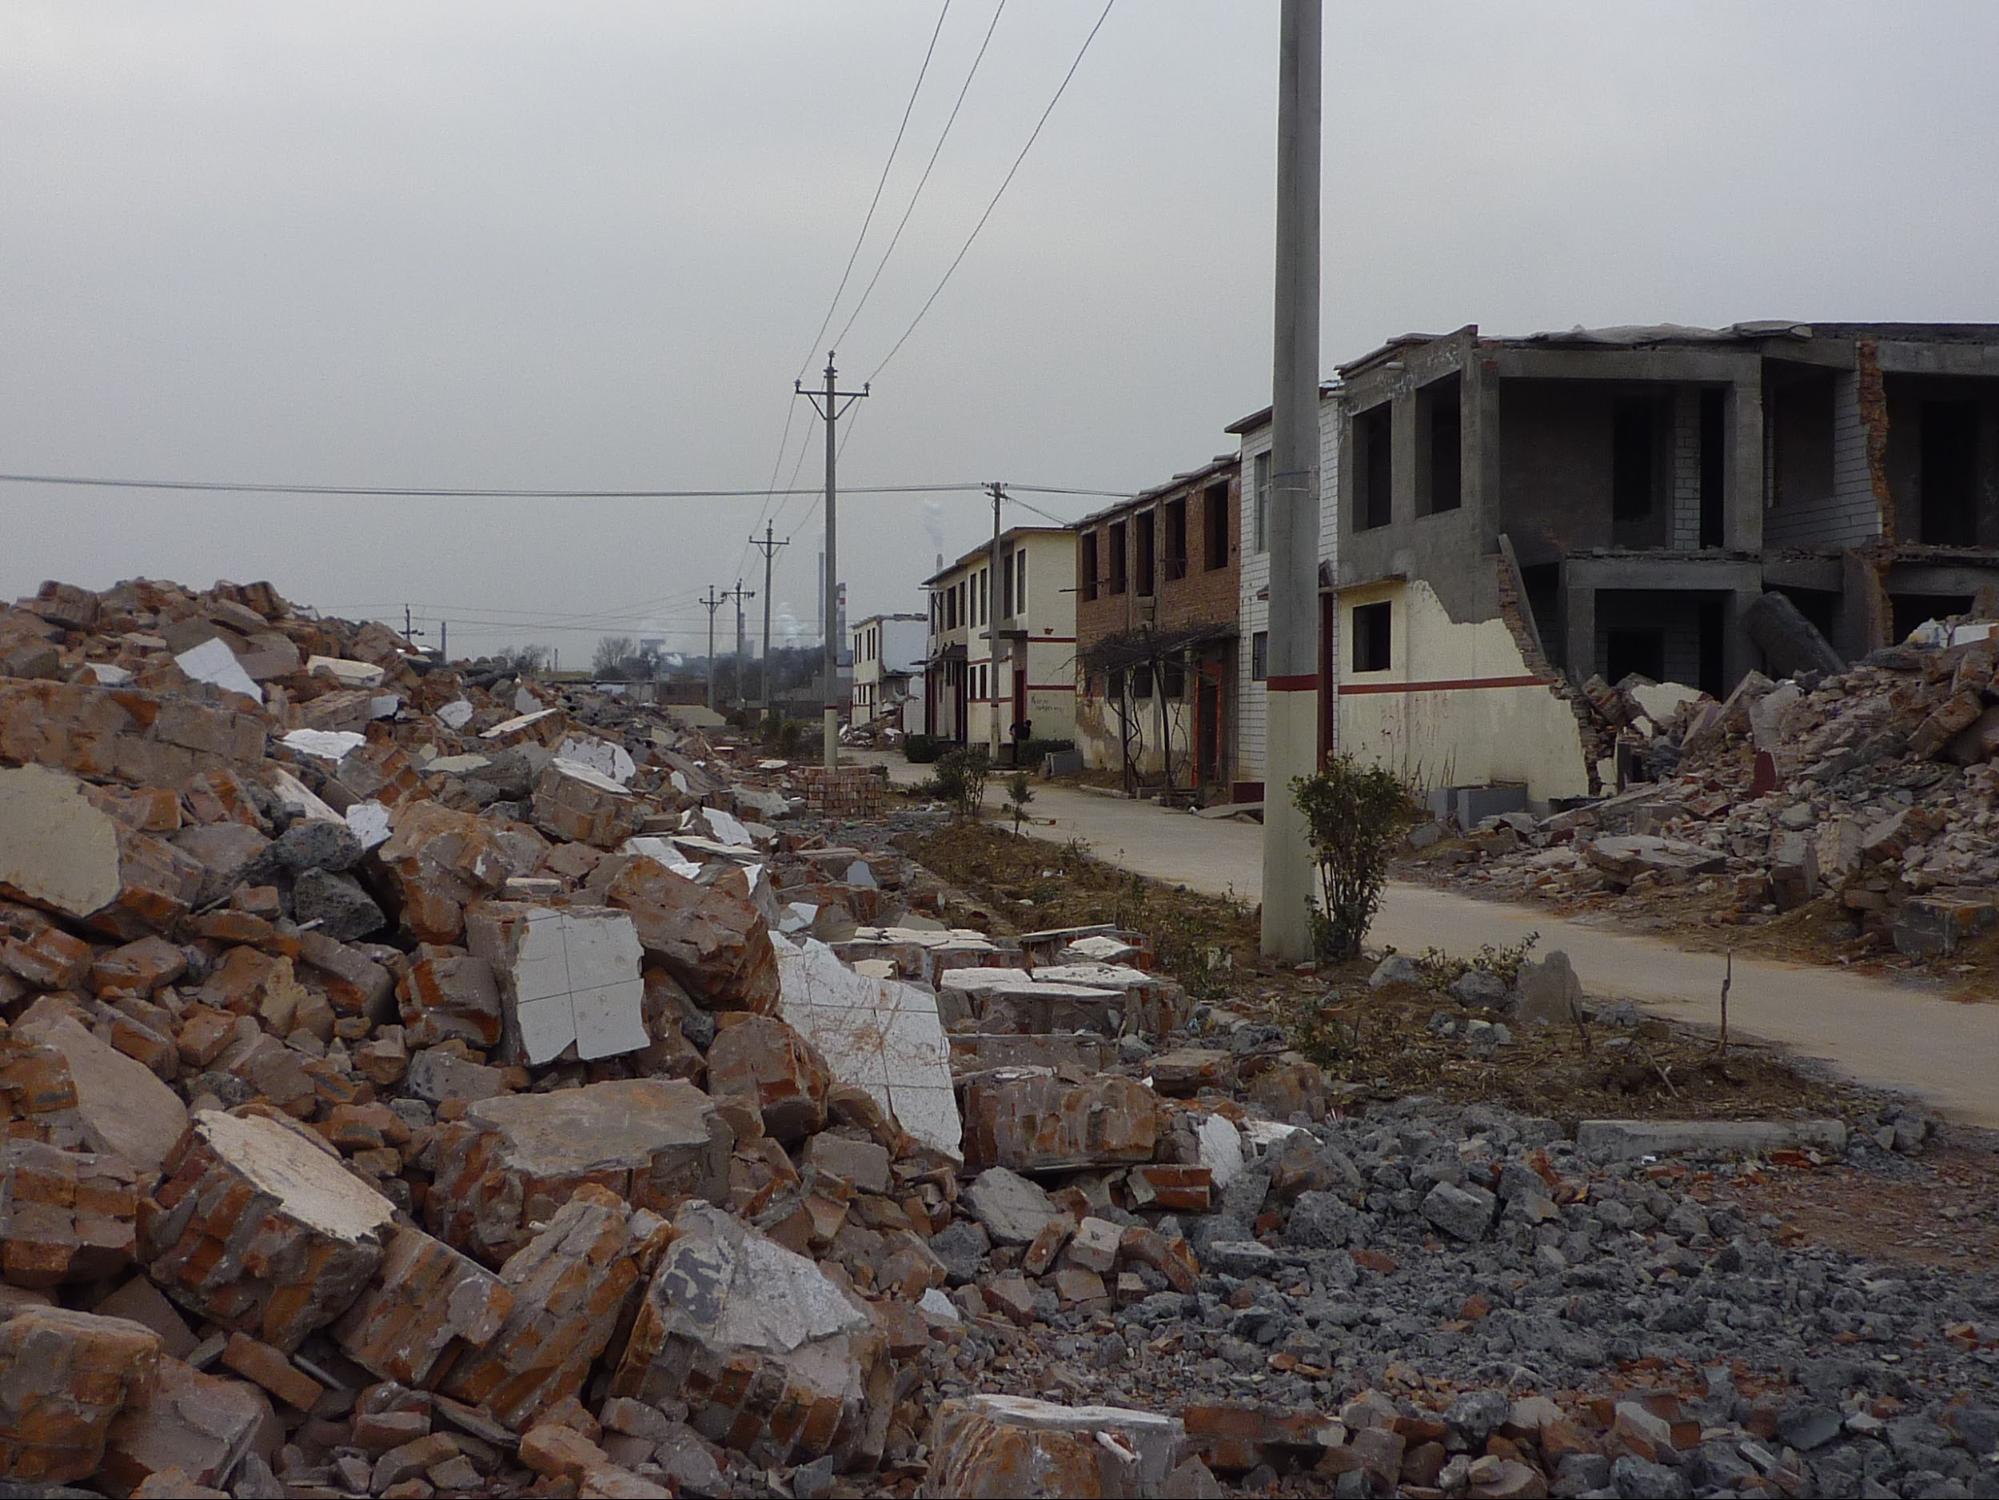 花村轉為平地。圖片來源│王舒俐,攝於 2010 年